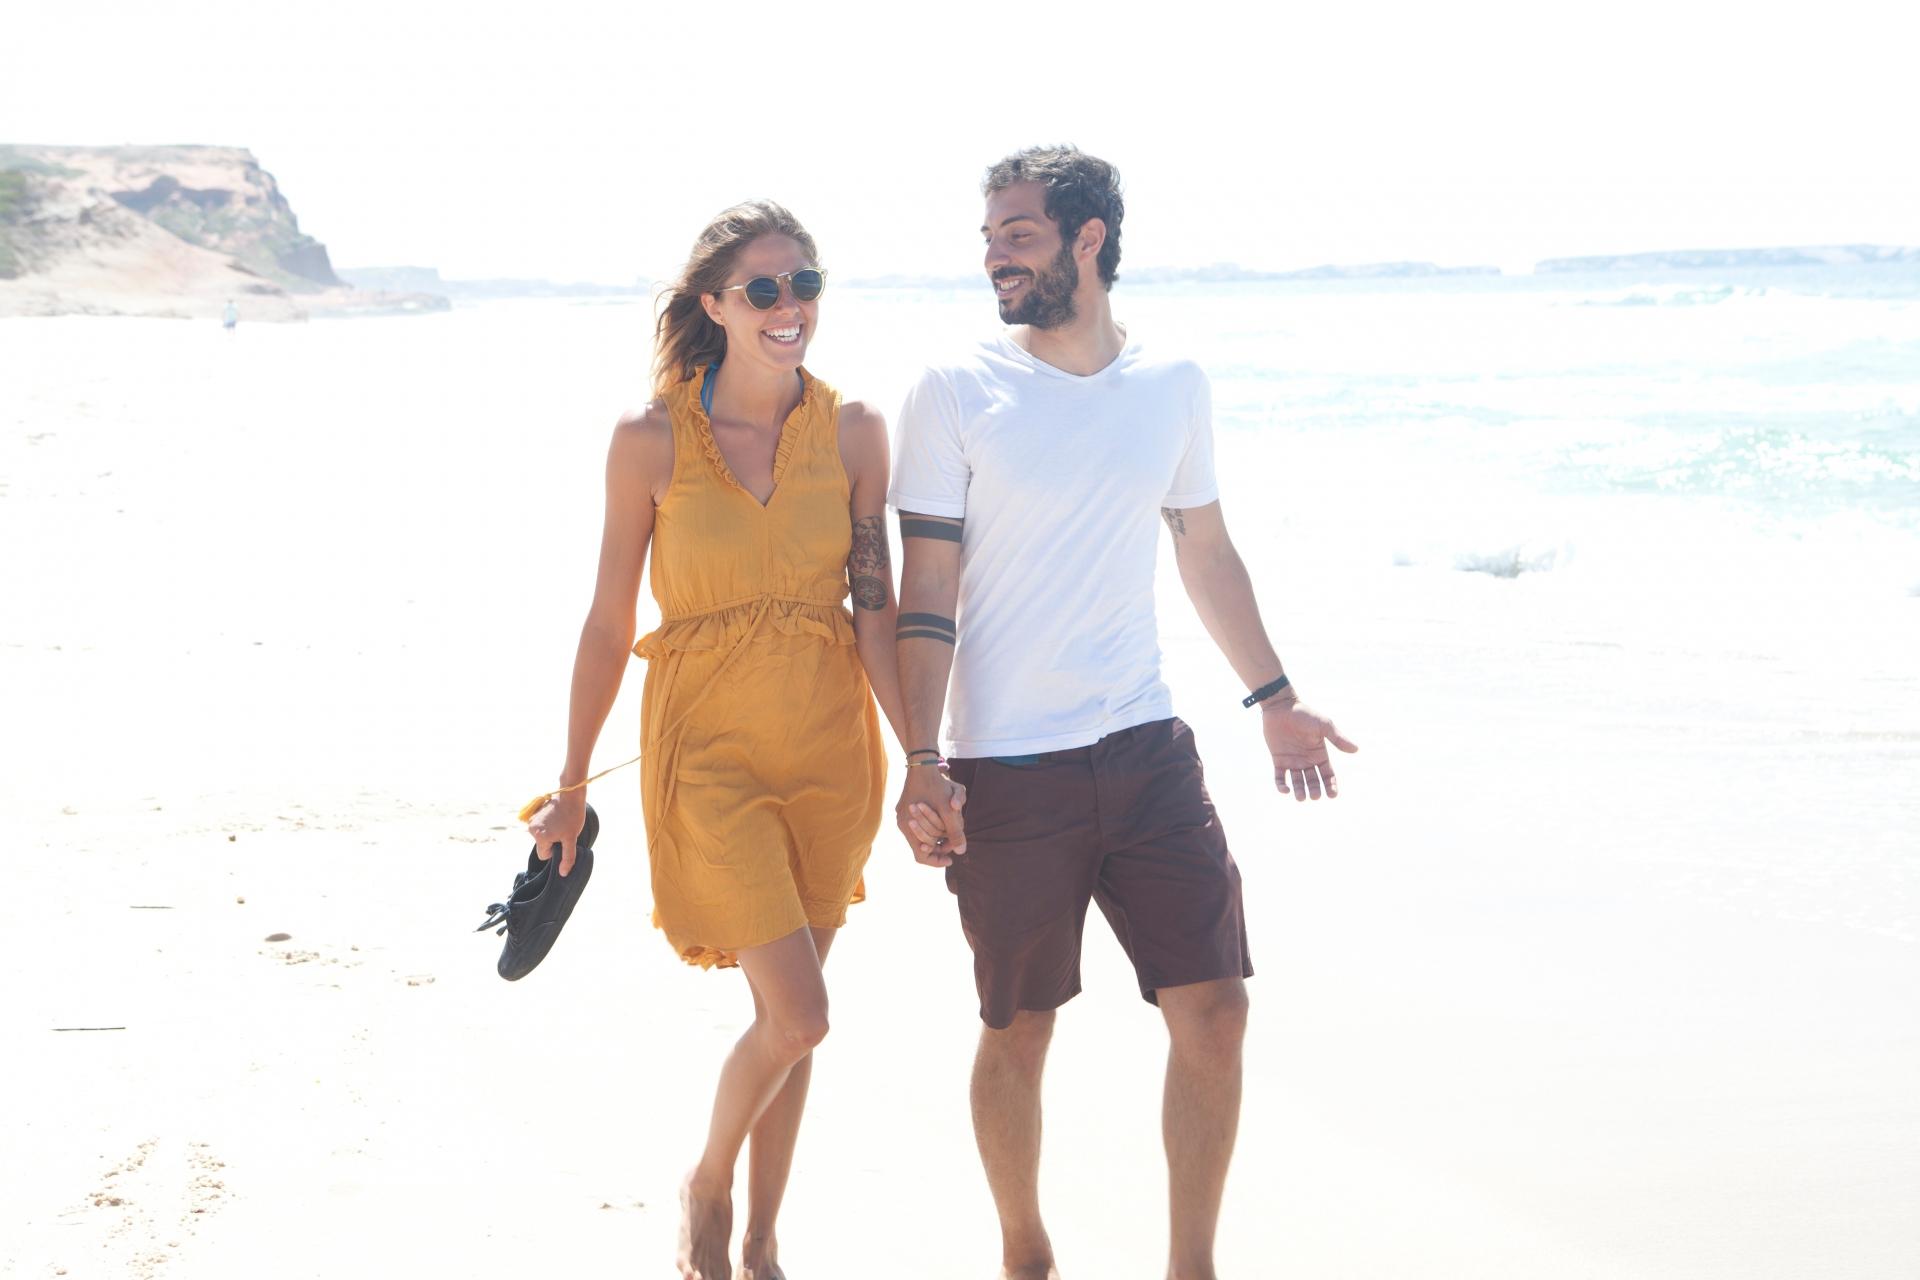 石垣島ビーチを散歩するカップル